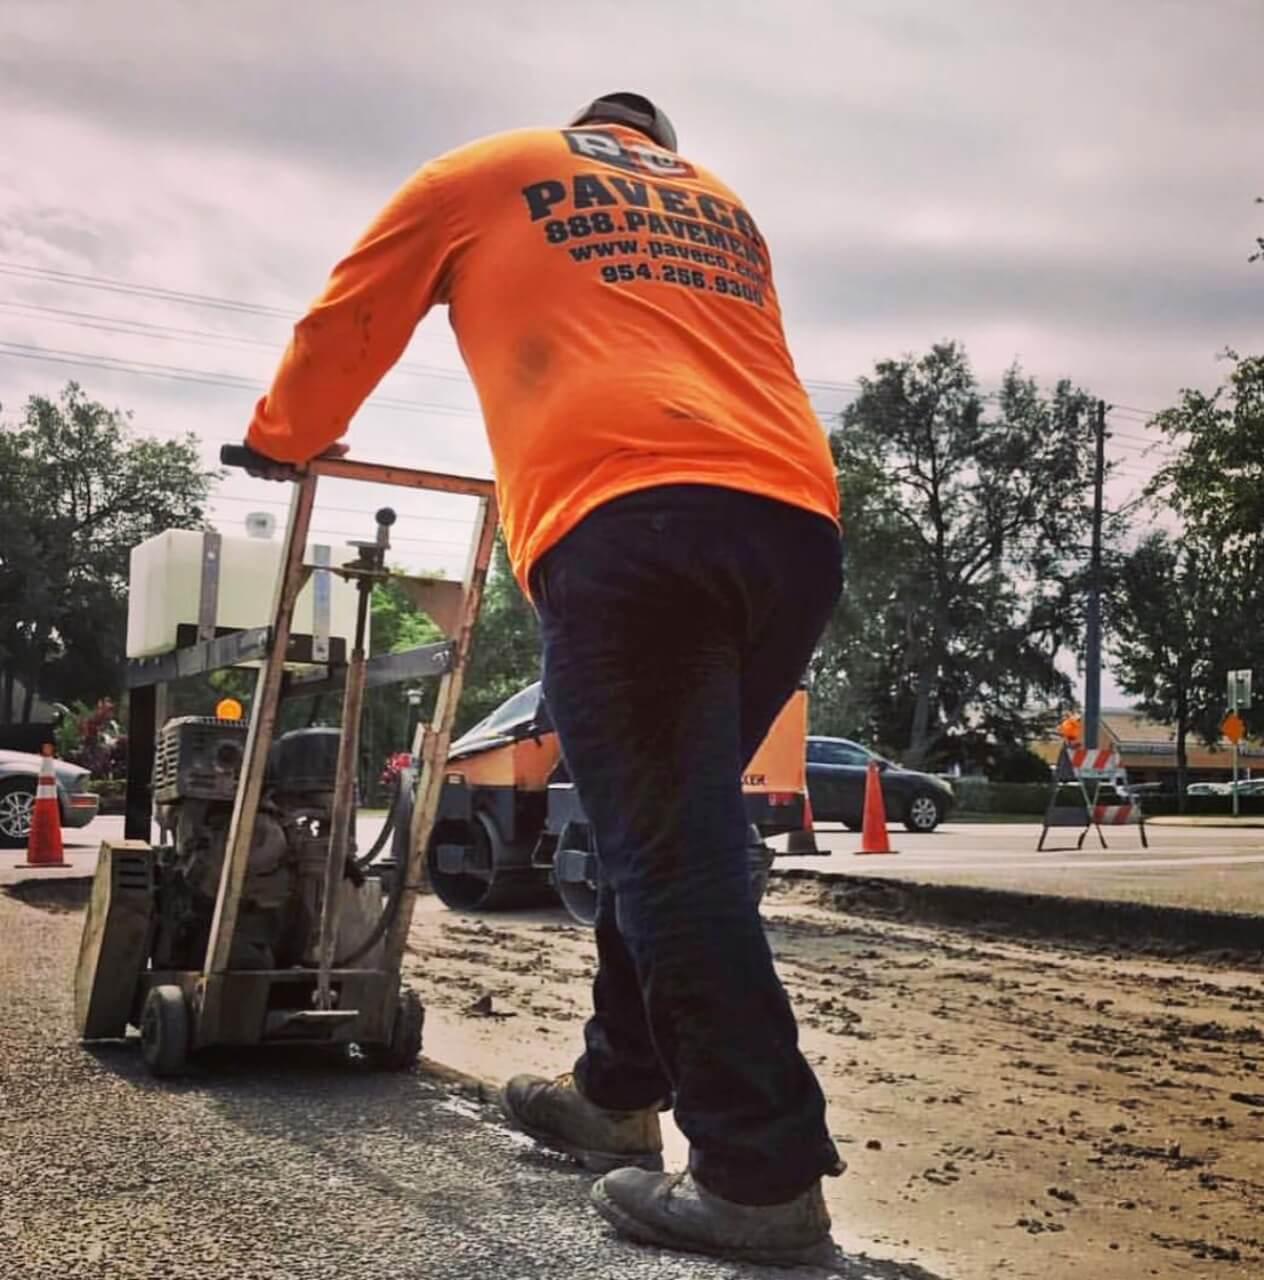 PaveCo National parking lot repair